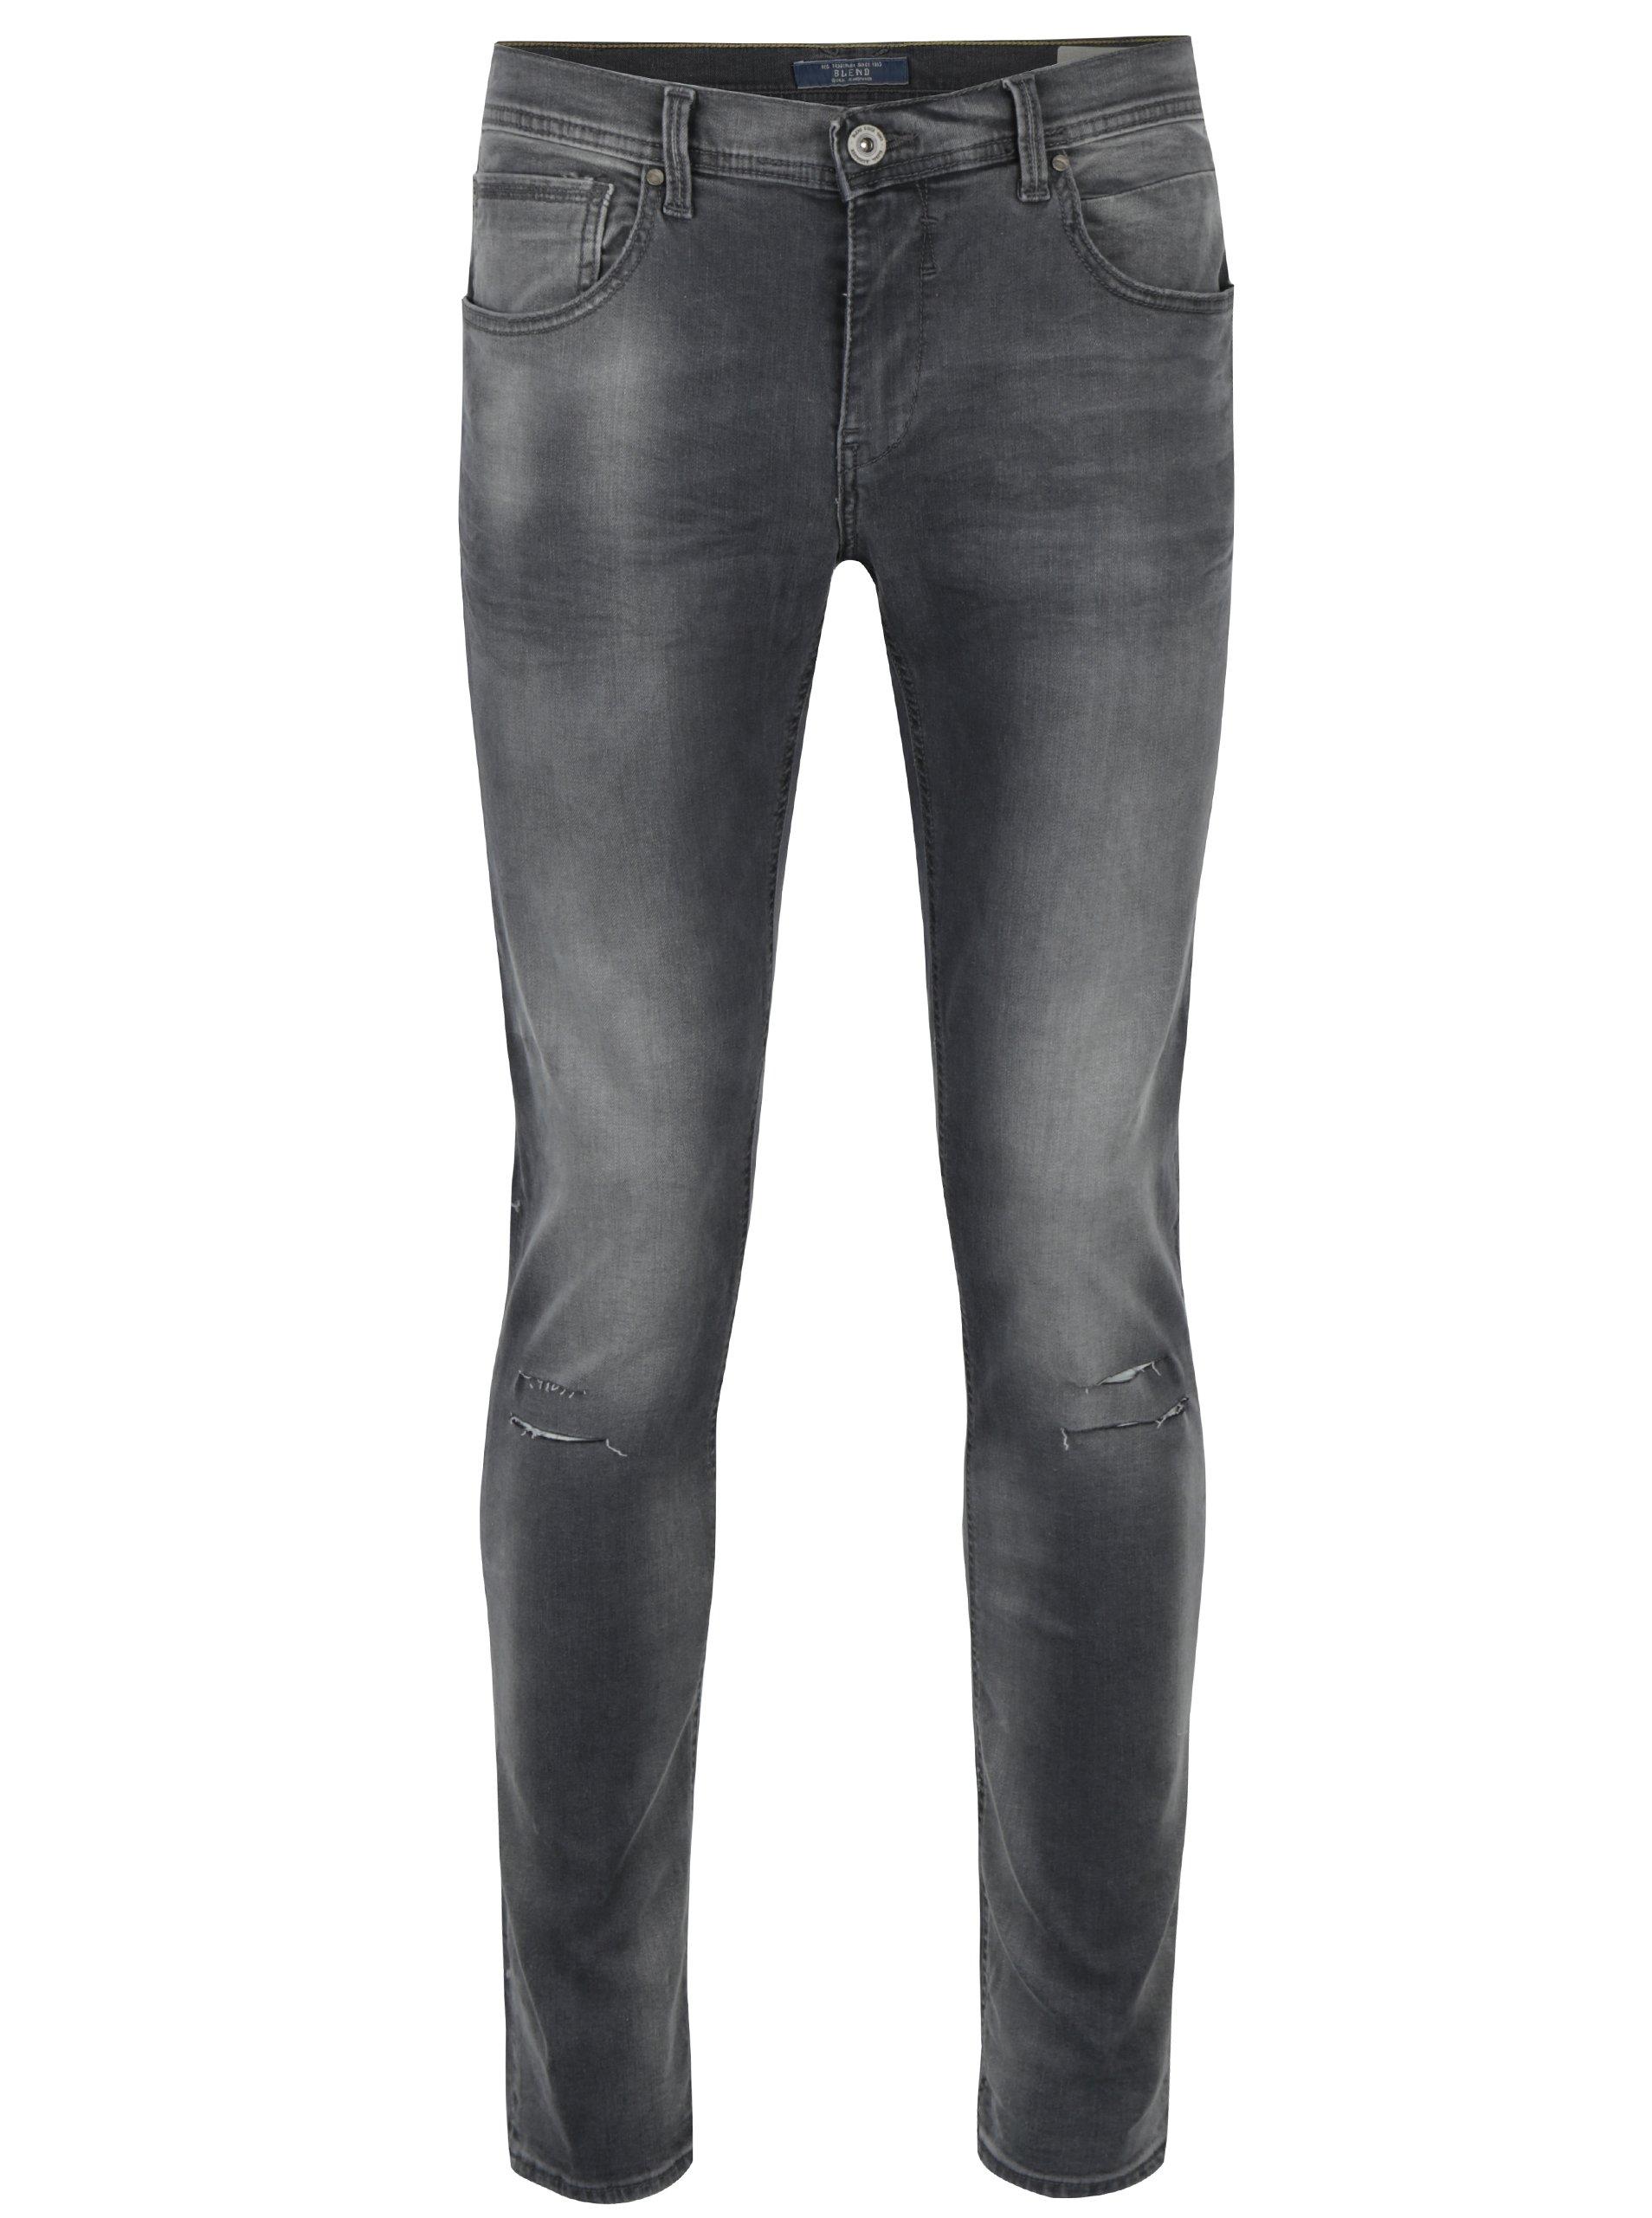 Šedé skinny džíny s potrhaným efektem Blend